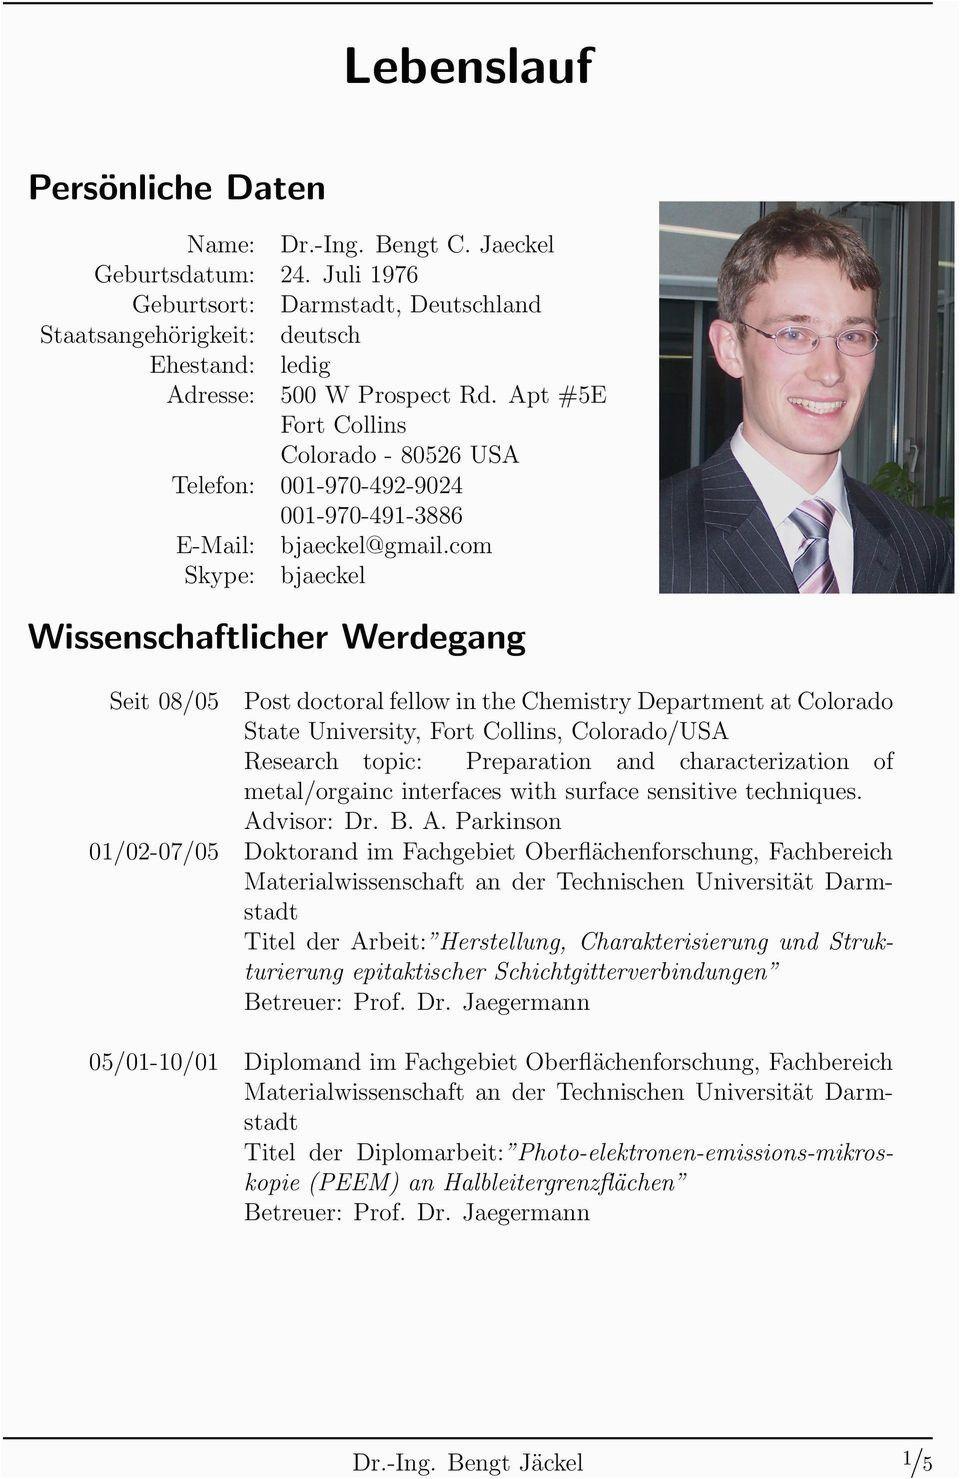 Wissenschaftlicher Lebenslauf Deutsch Lebenslauf Perfekter Lebenslauf Lebenslauf Muster